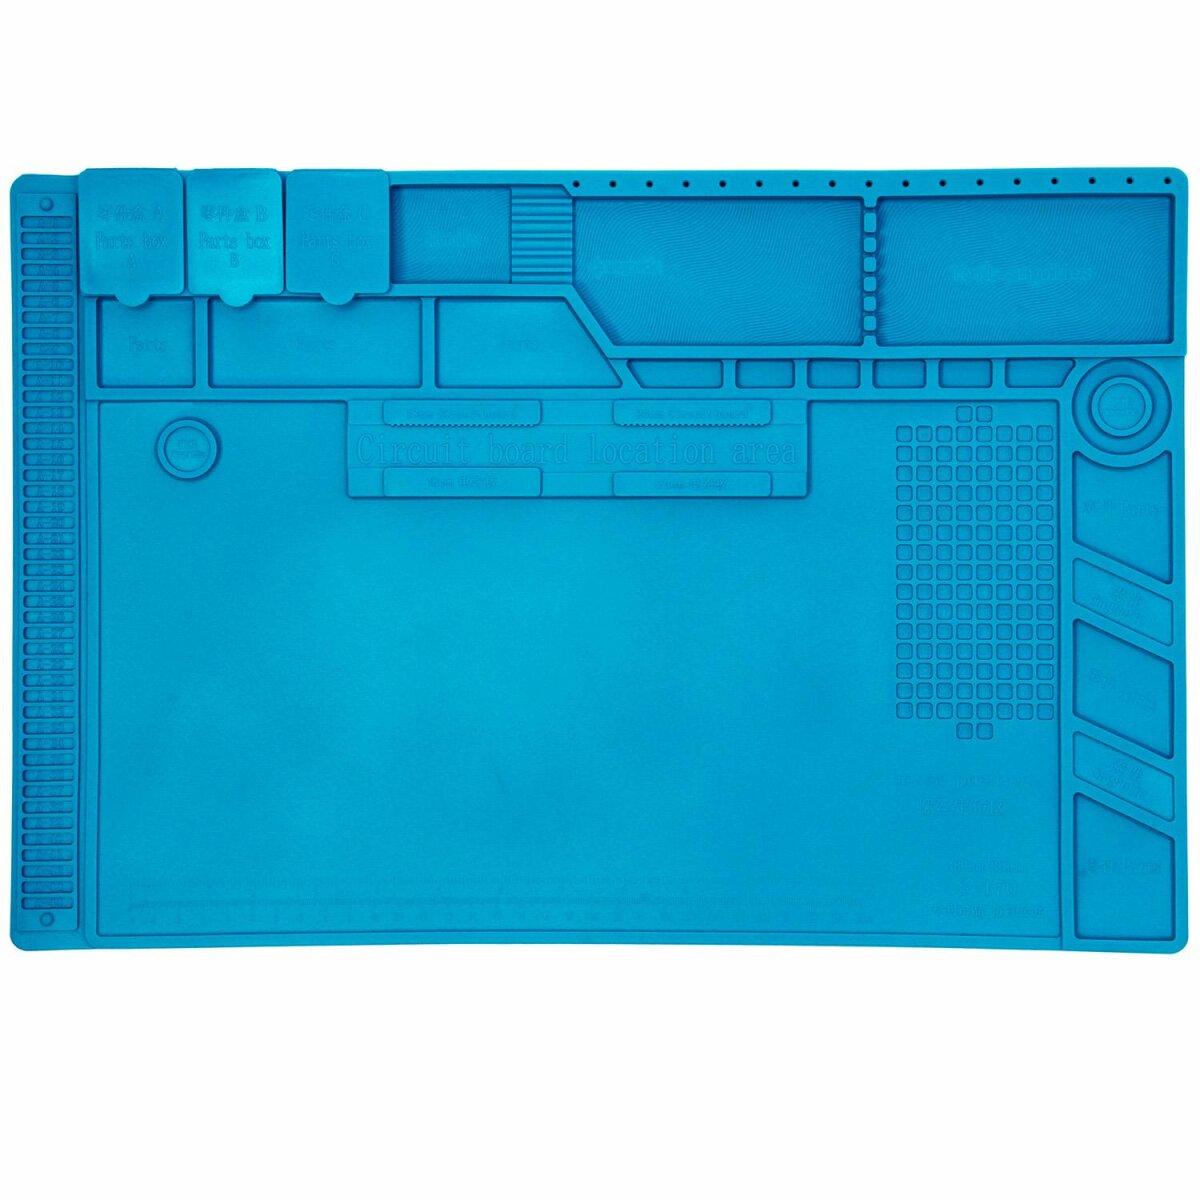 Minadax XL Lötmatte 48 x 31.8cm - Silikonmatte 500°C Hitzebeständige Reparaturmatte - Rutschfest